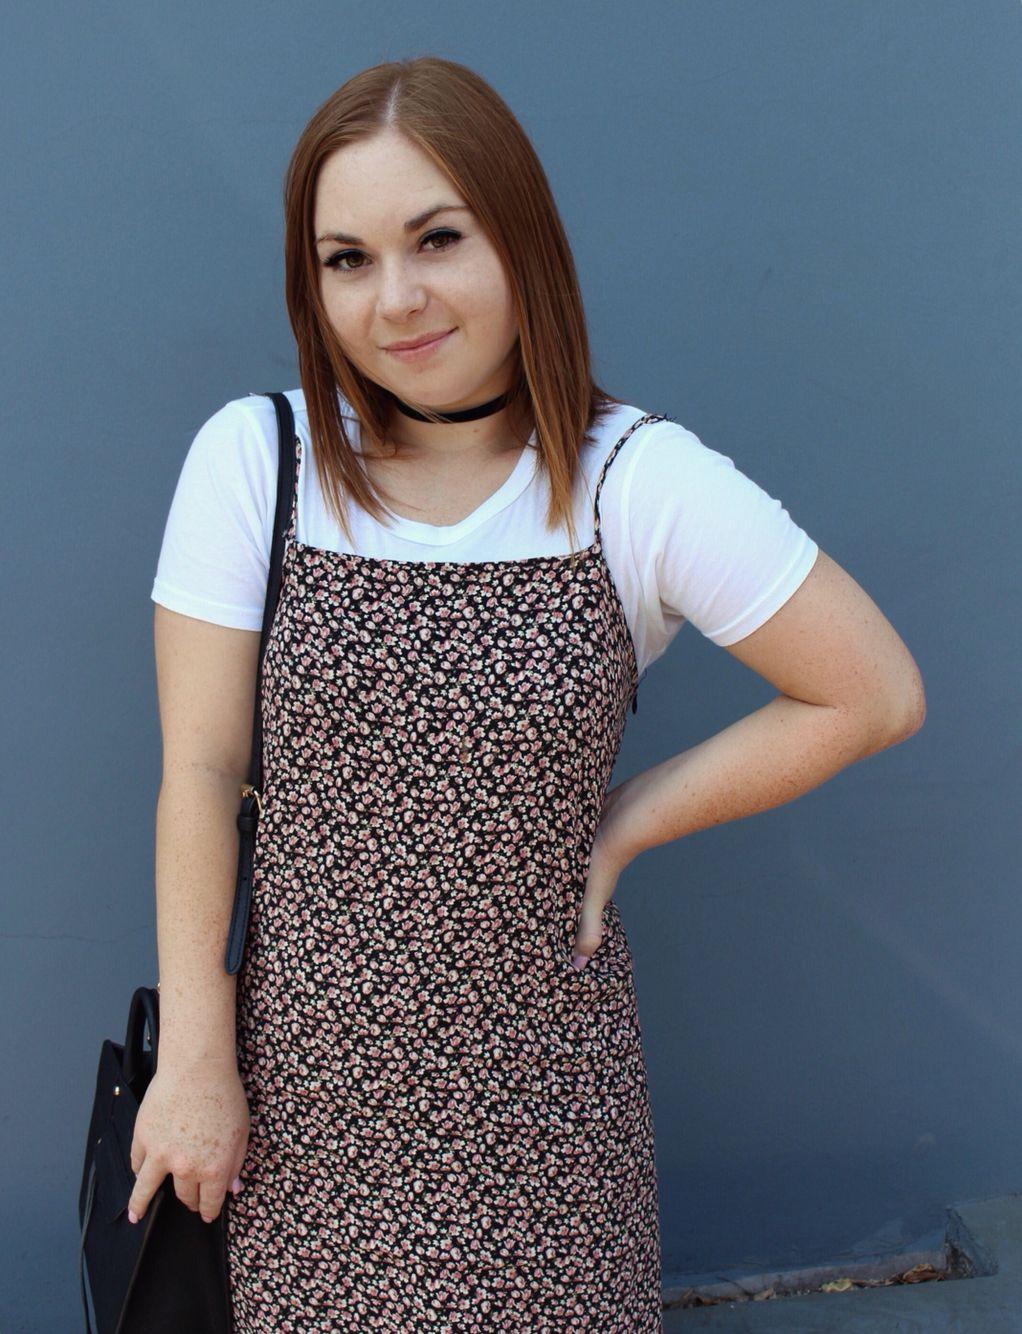 T Shirt Under Dress Brandymelville Shirt Under Dress Under Dress T Shirt Under Dress [ 1334 x 1022 Pixel ]